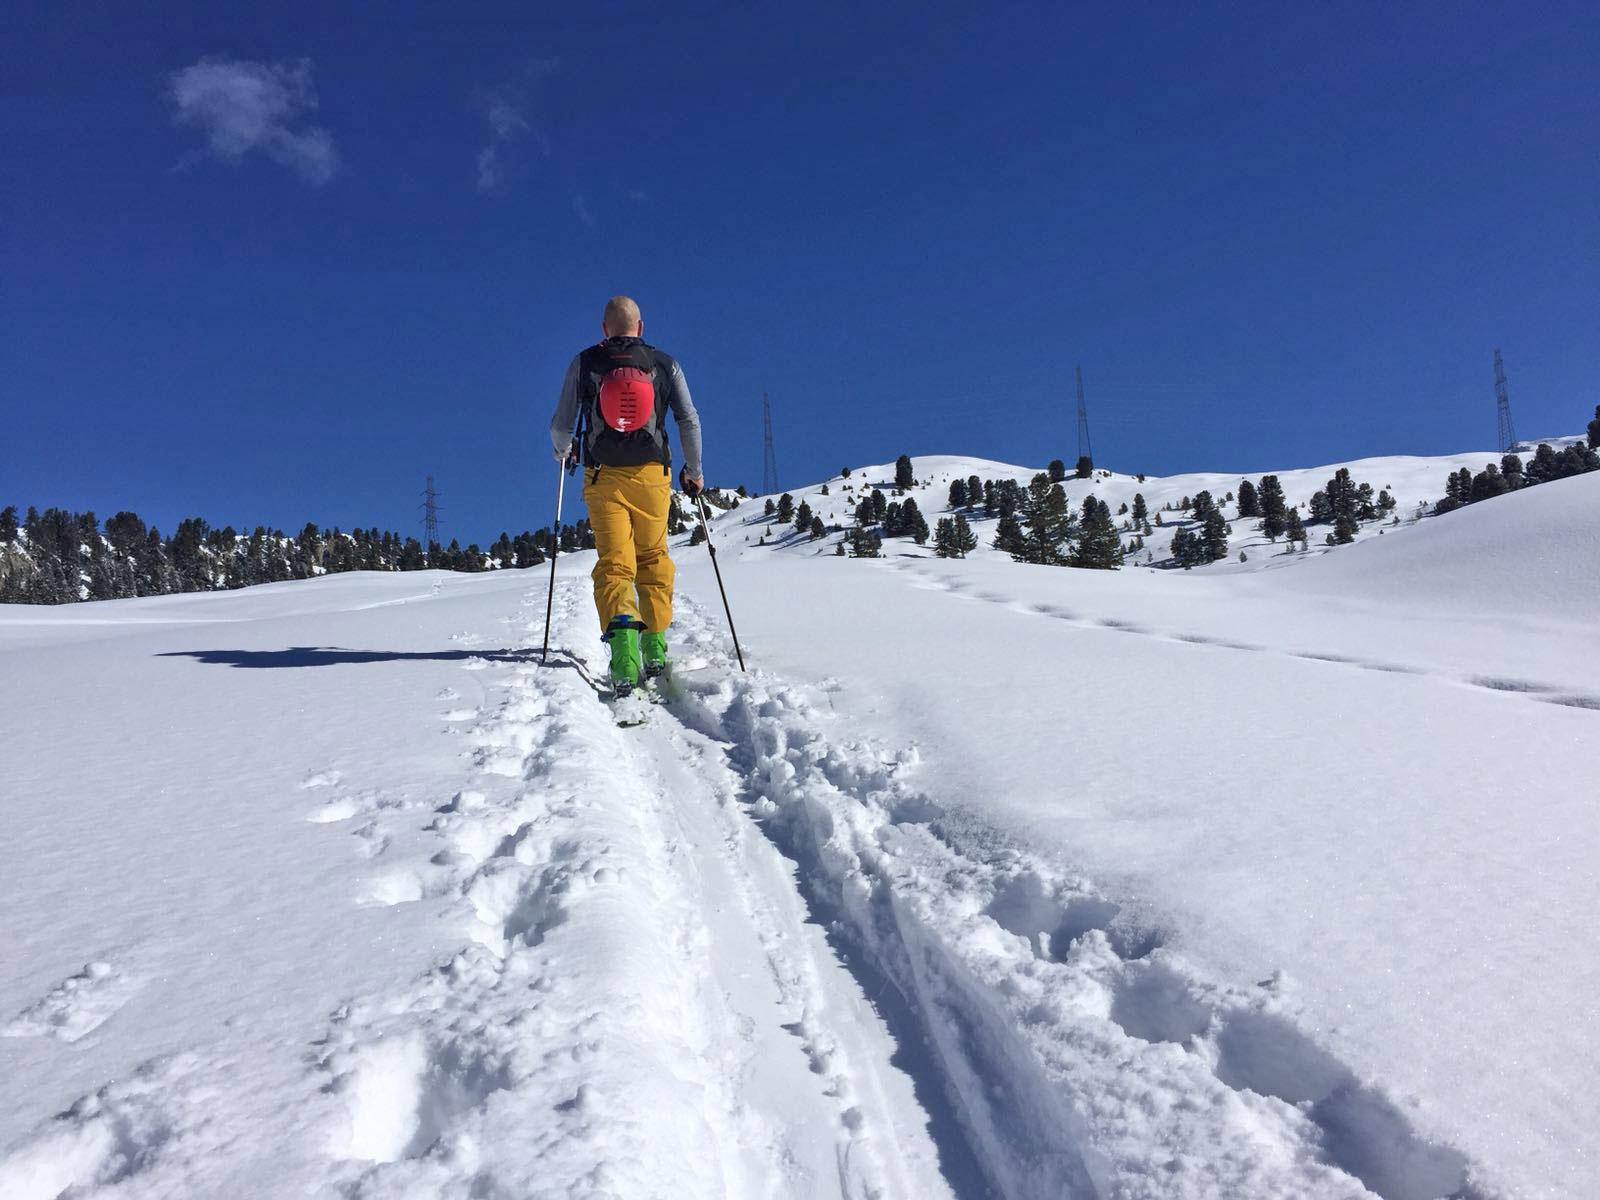 Toerskiën op wintersport